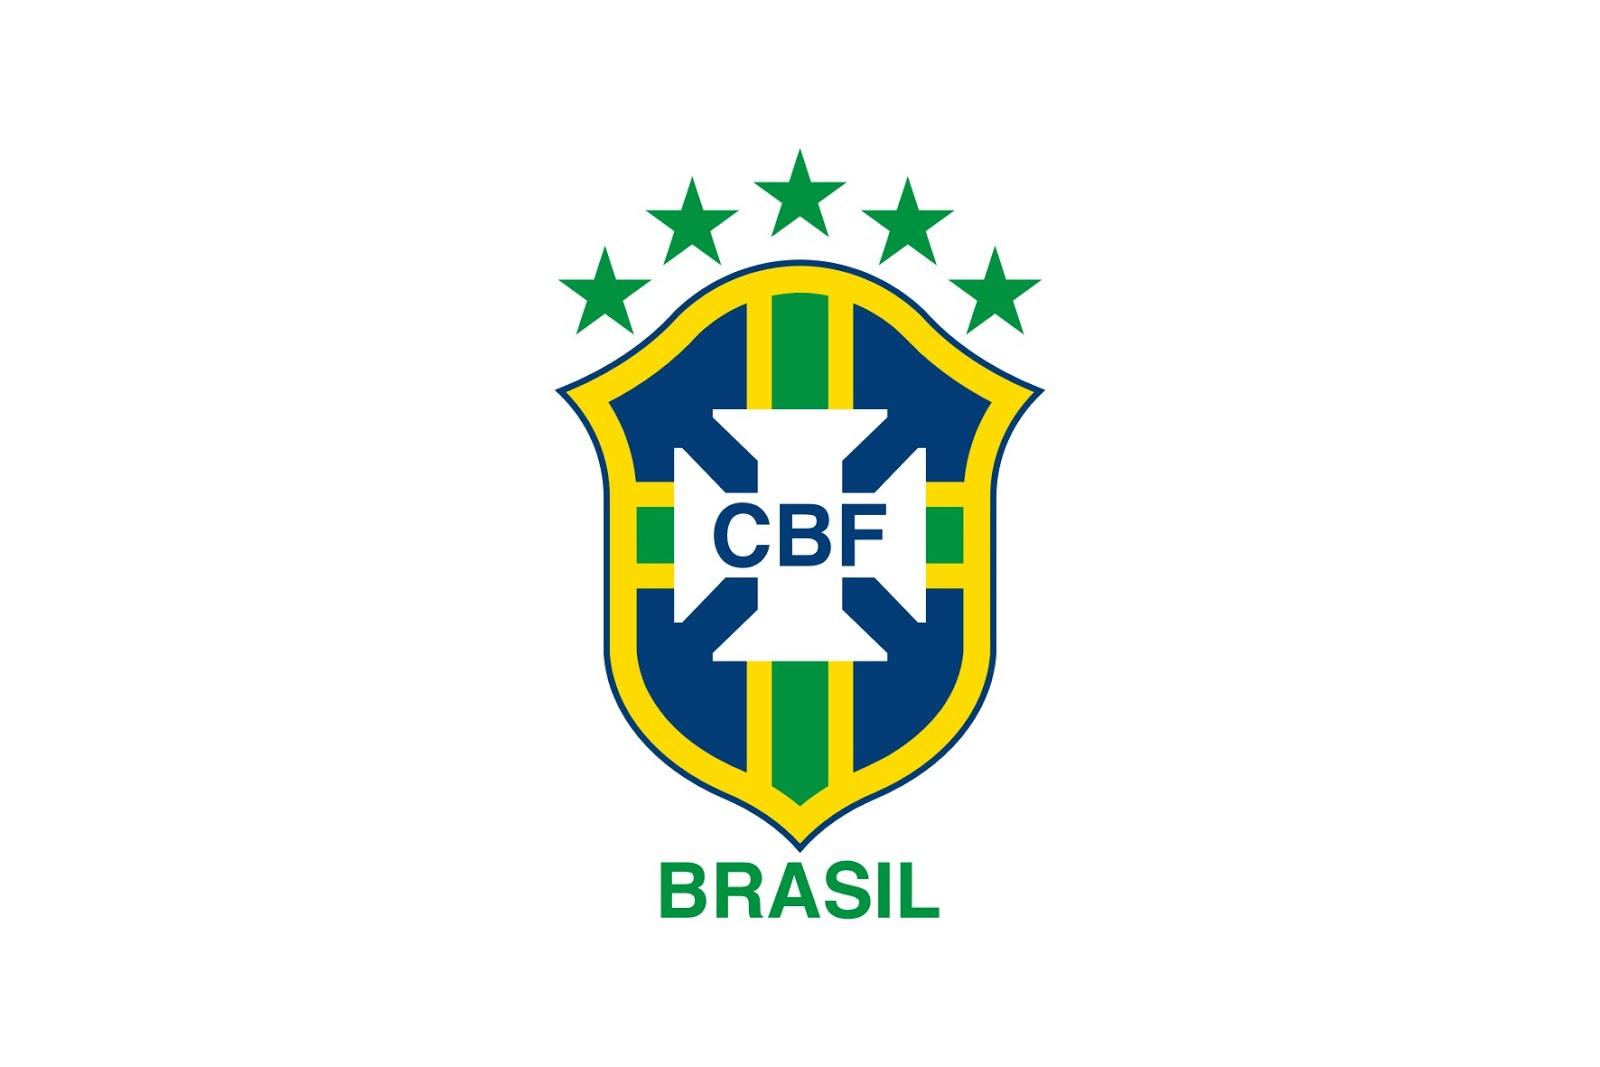 CBF Brasil Logo Wallpaper